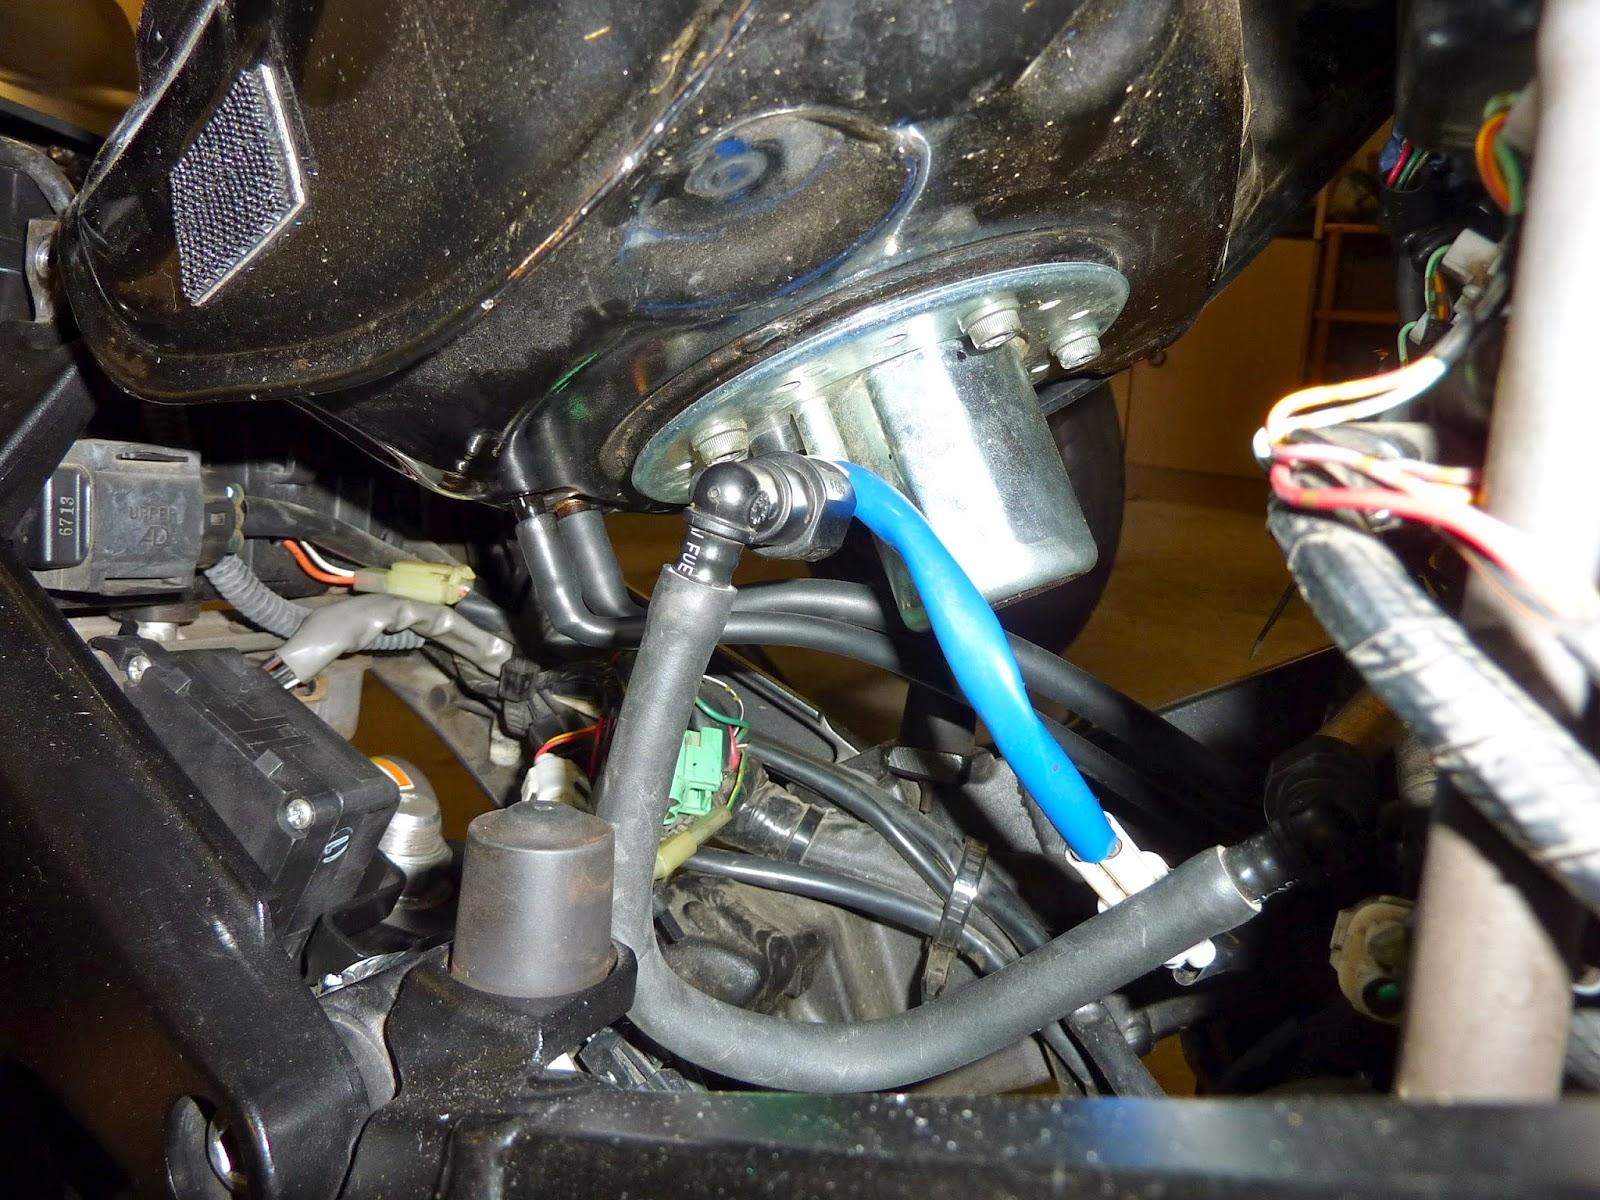 1999 Suzuki Gsxr 750 Wiring Diagram 1992 Harley Sportster Biketech7: Biketech7 - Gsxr1000 Fuel Pumps And Filters.